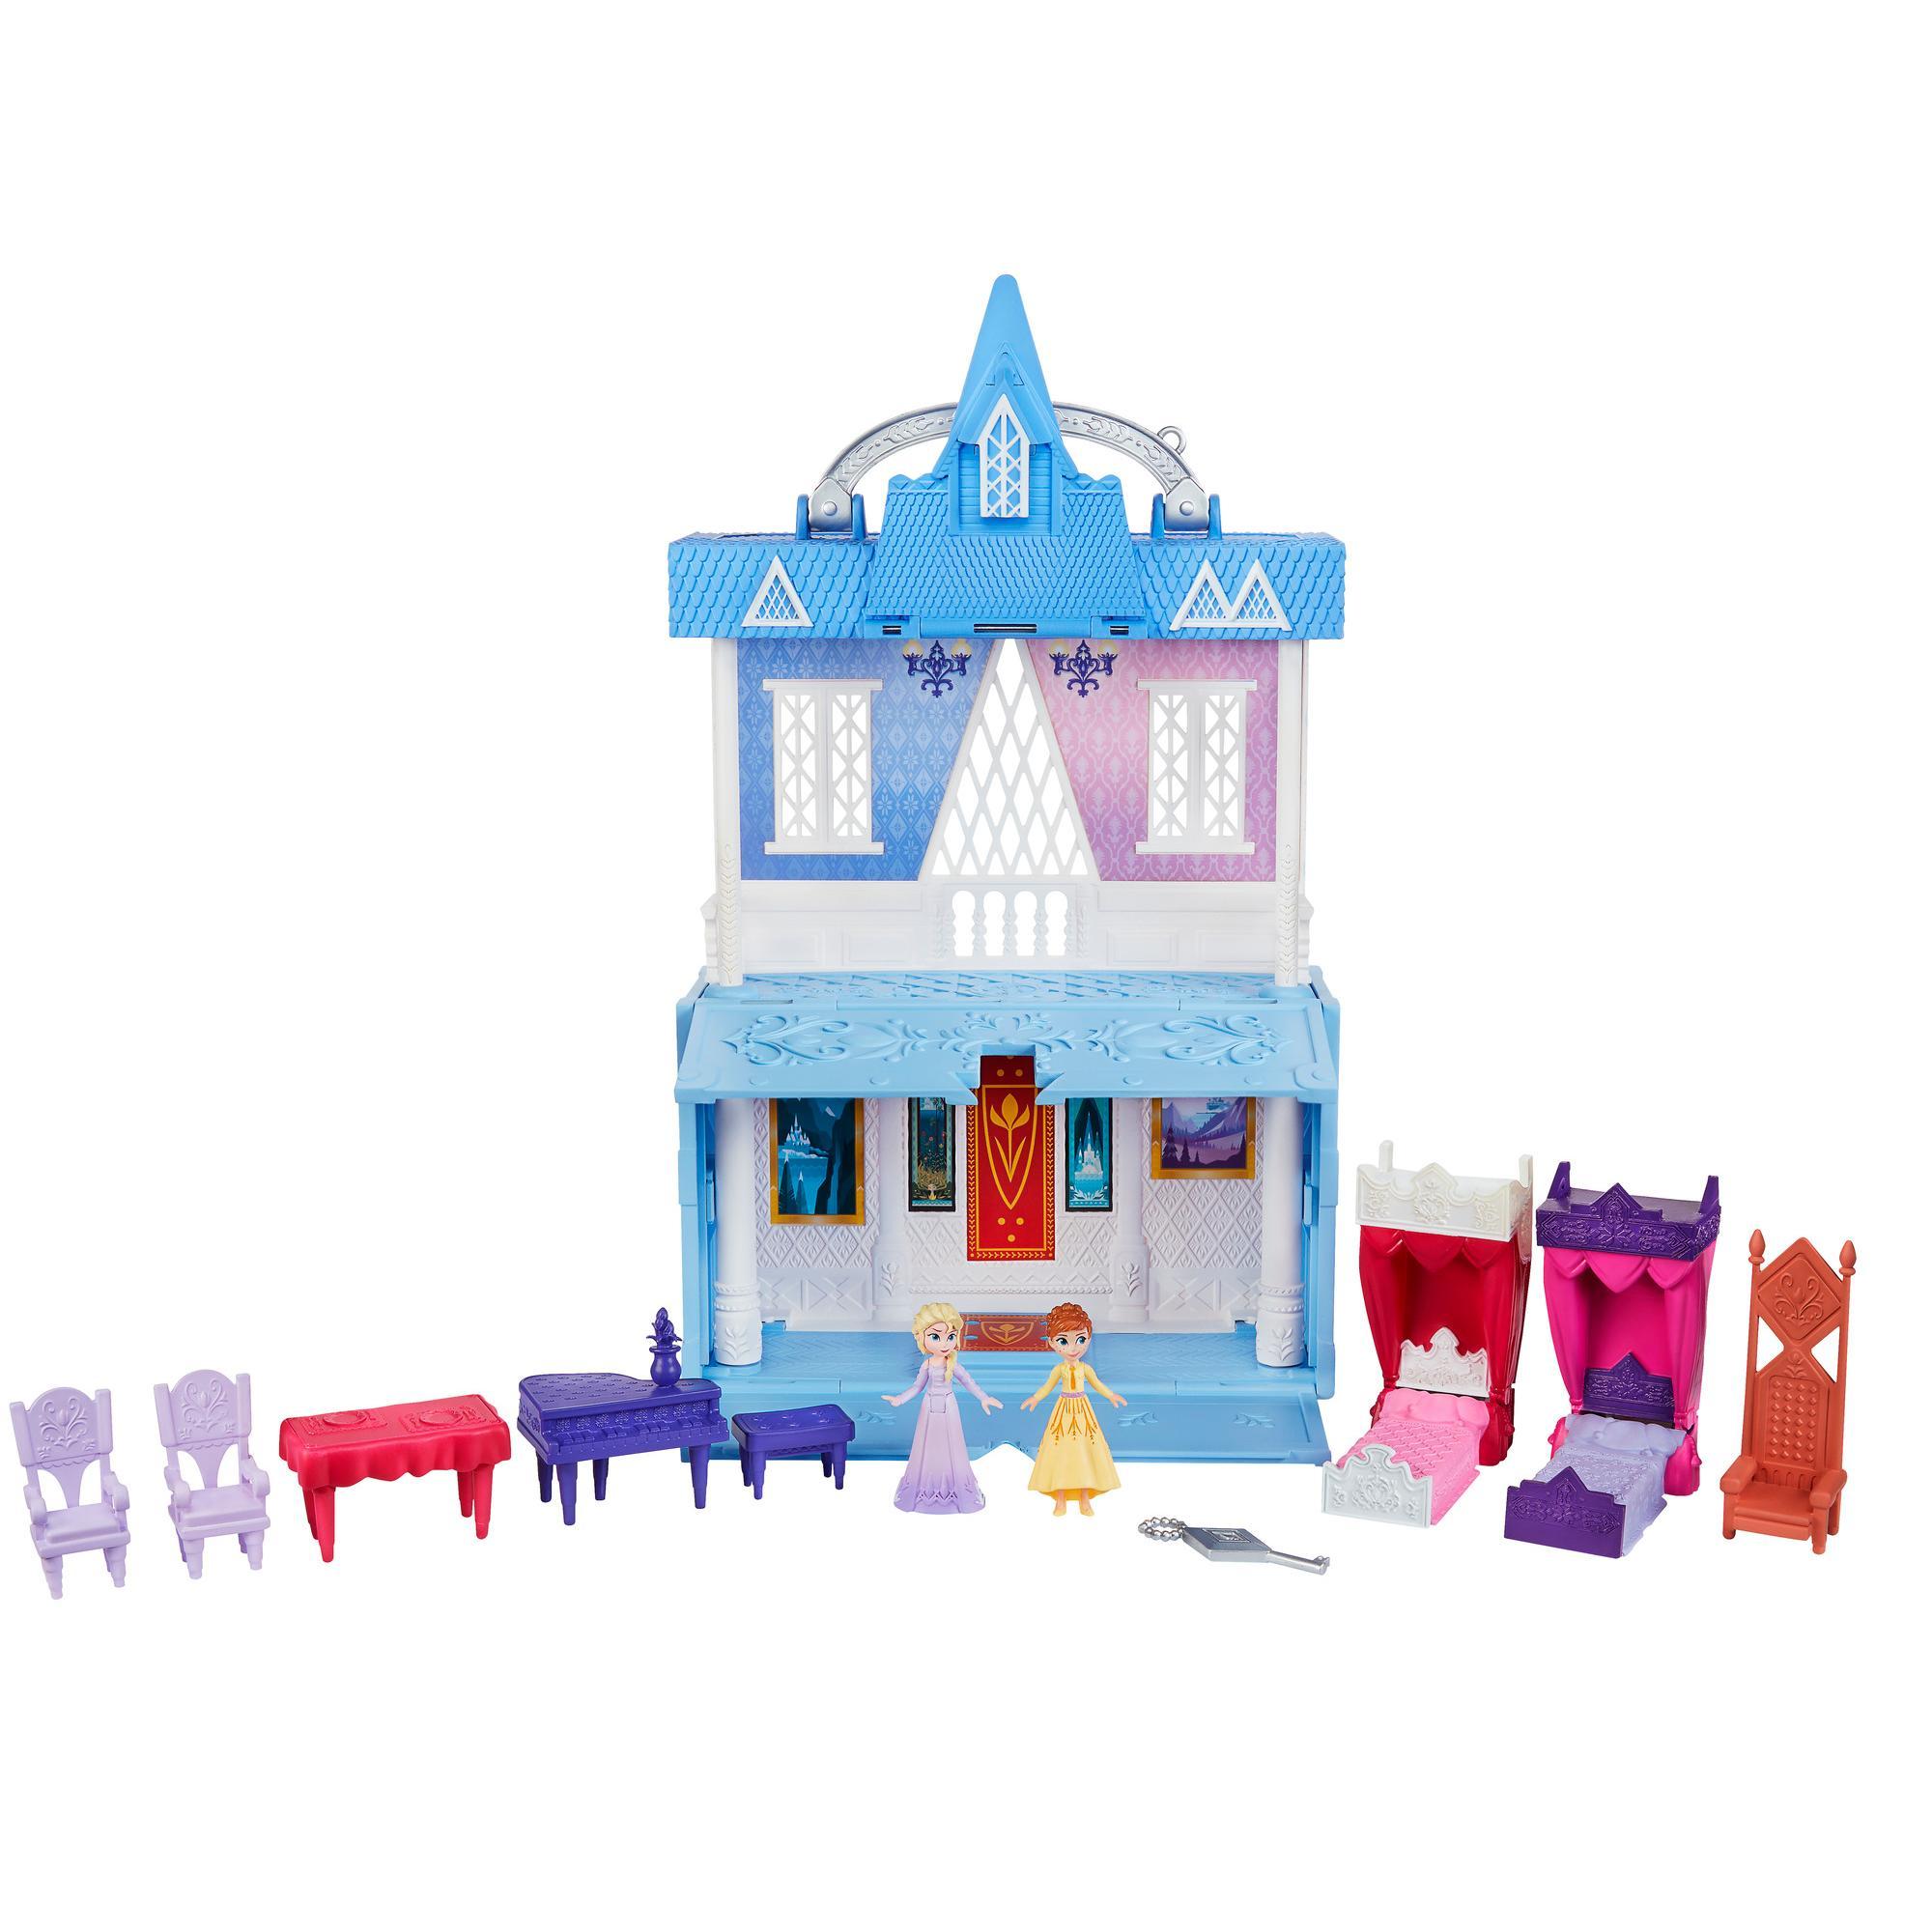 Disney Frozen Aventuras Pop - Castillo de Arendelle - Playset con asidero que incluye las muñecas de Elsa y Anna y 7 accesorios - Juguete para niñas y niños de 3 años en adelante